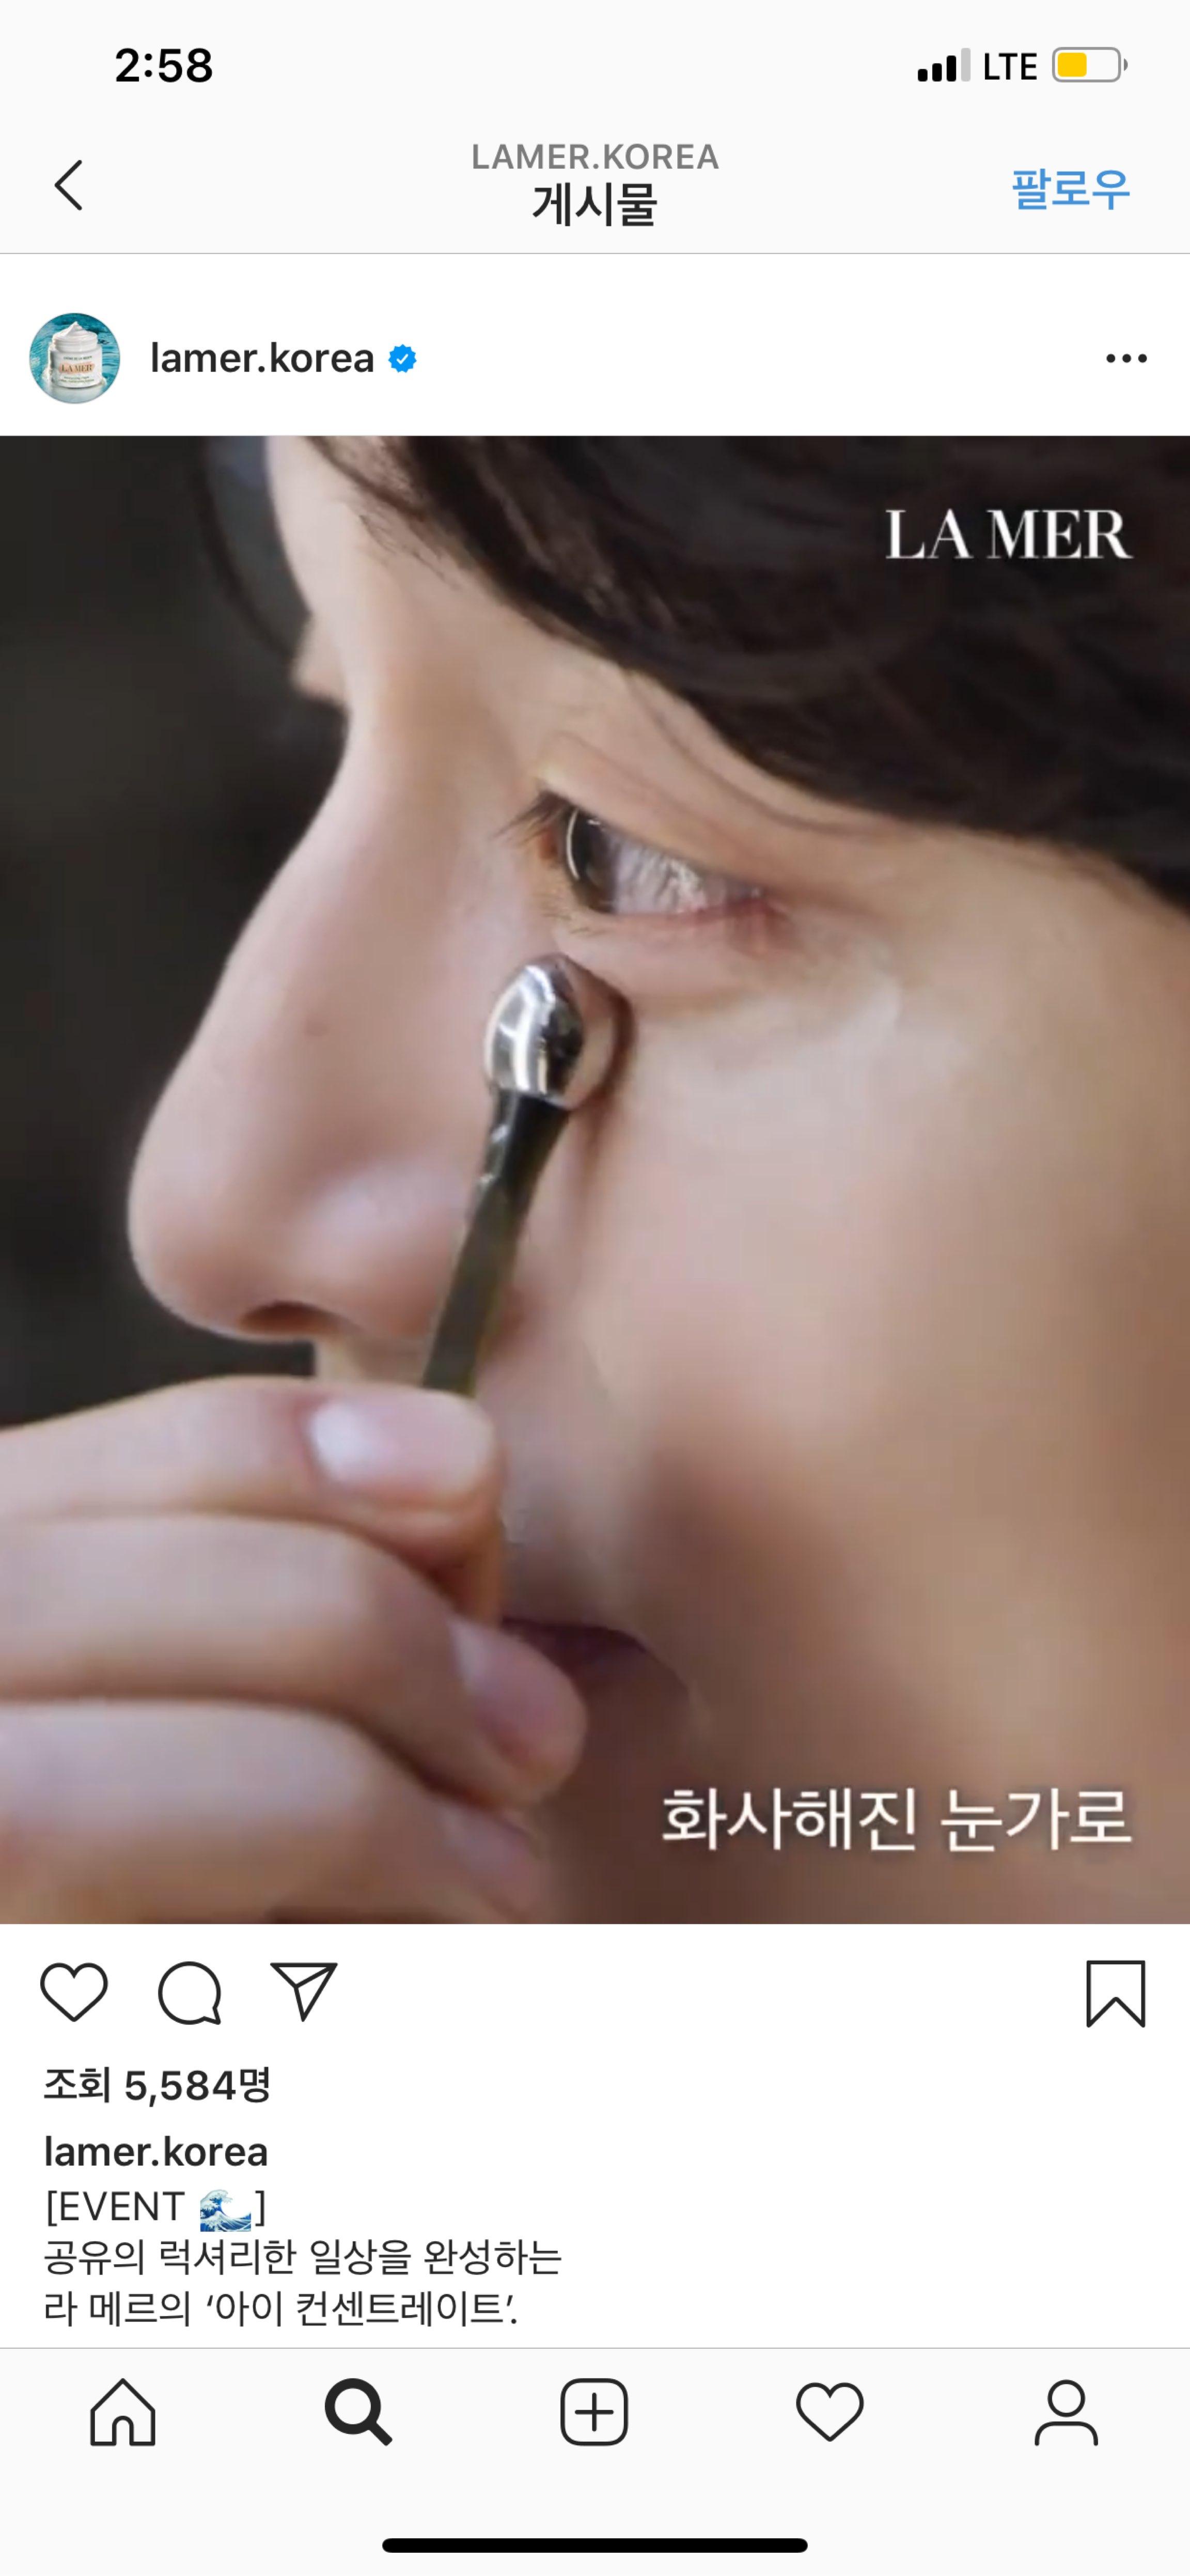 공유 라 메르 영상 떴어요~